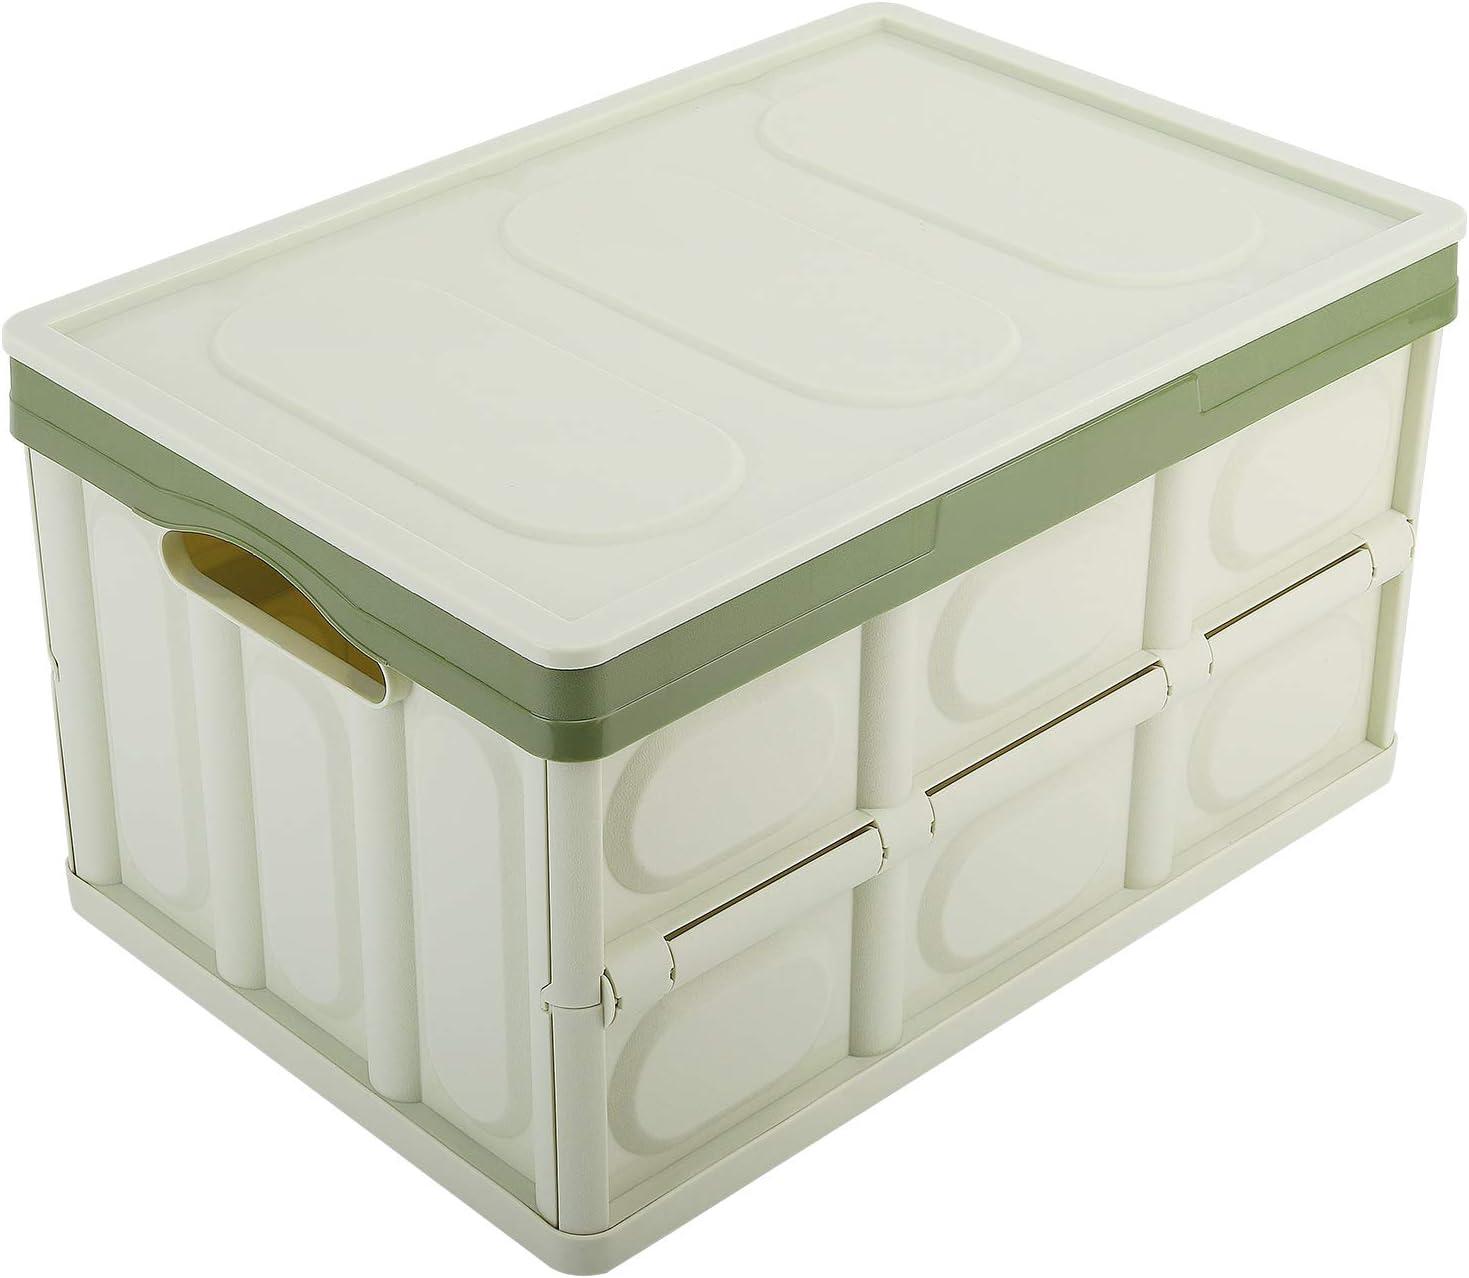 MoKo Caja de Almacenamiento Plegable, Contenedor de Plástico 30L Almacenaje Plegable Organizador con Tapa Adjunta para Oficina/Hogar/Habitación - Verde Claro